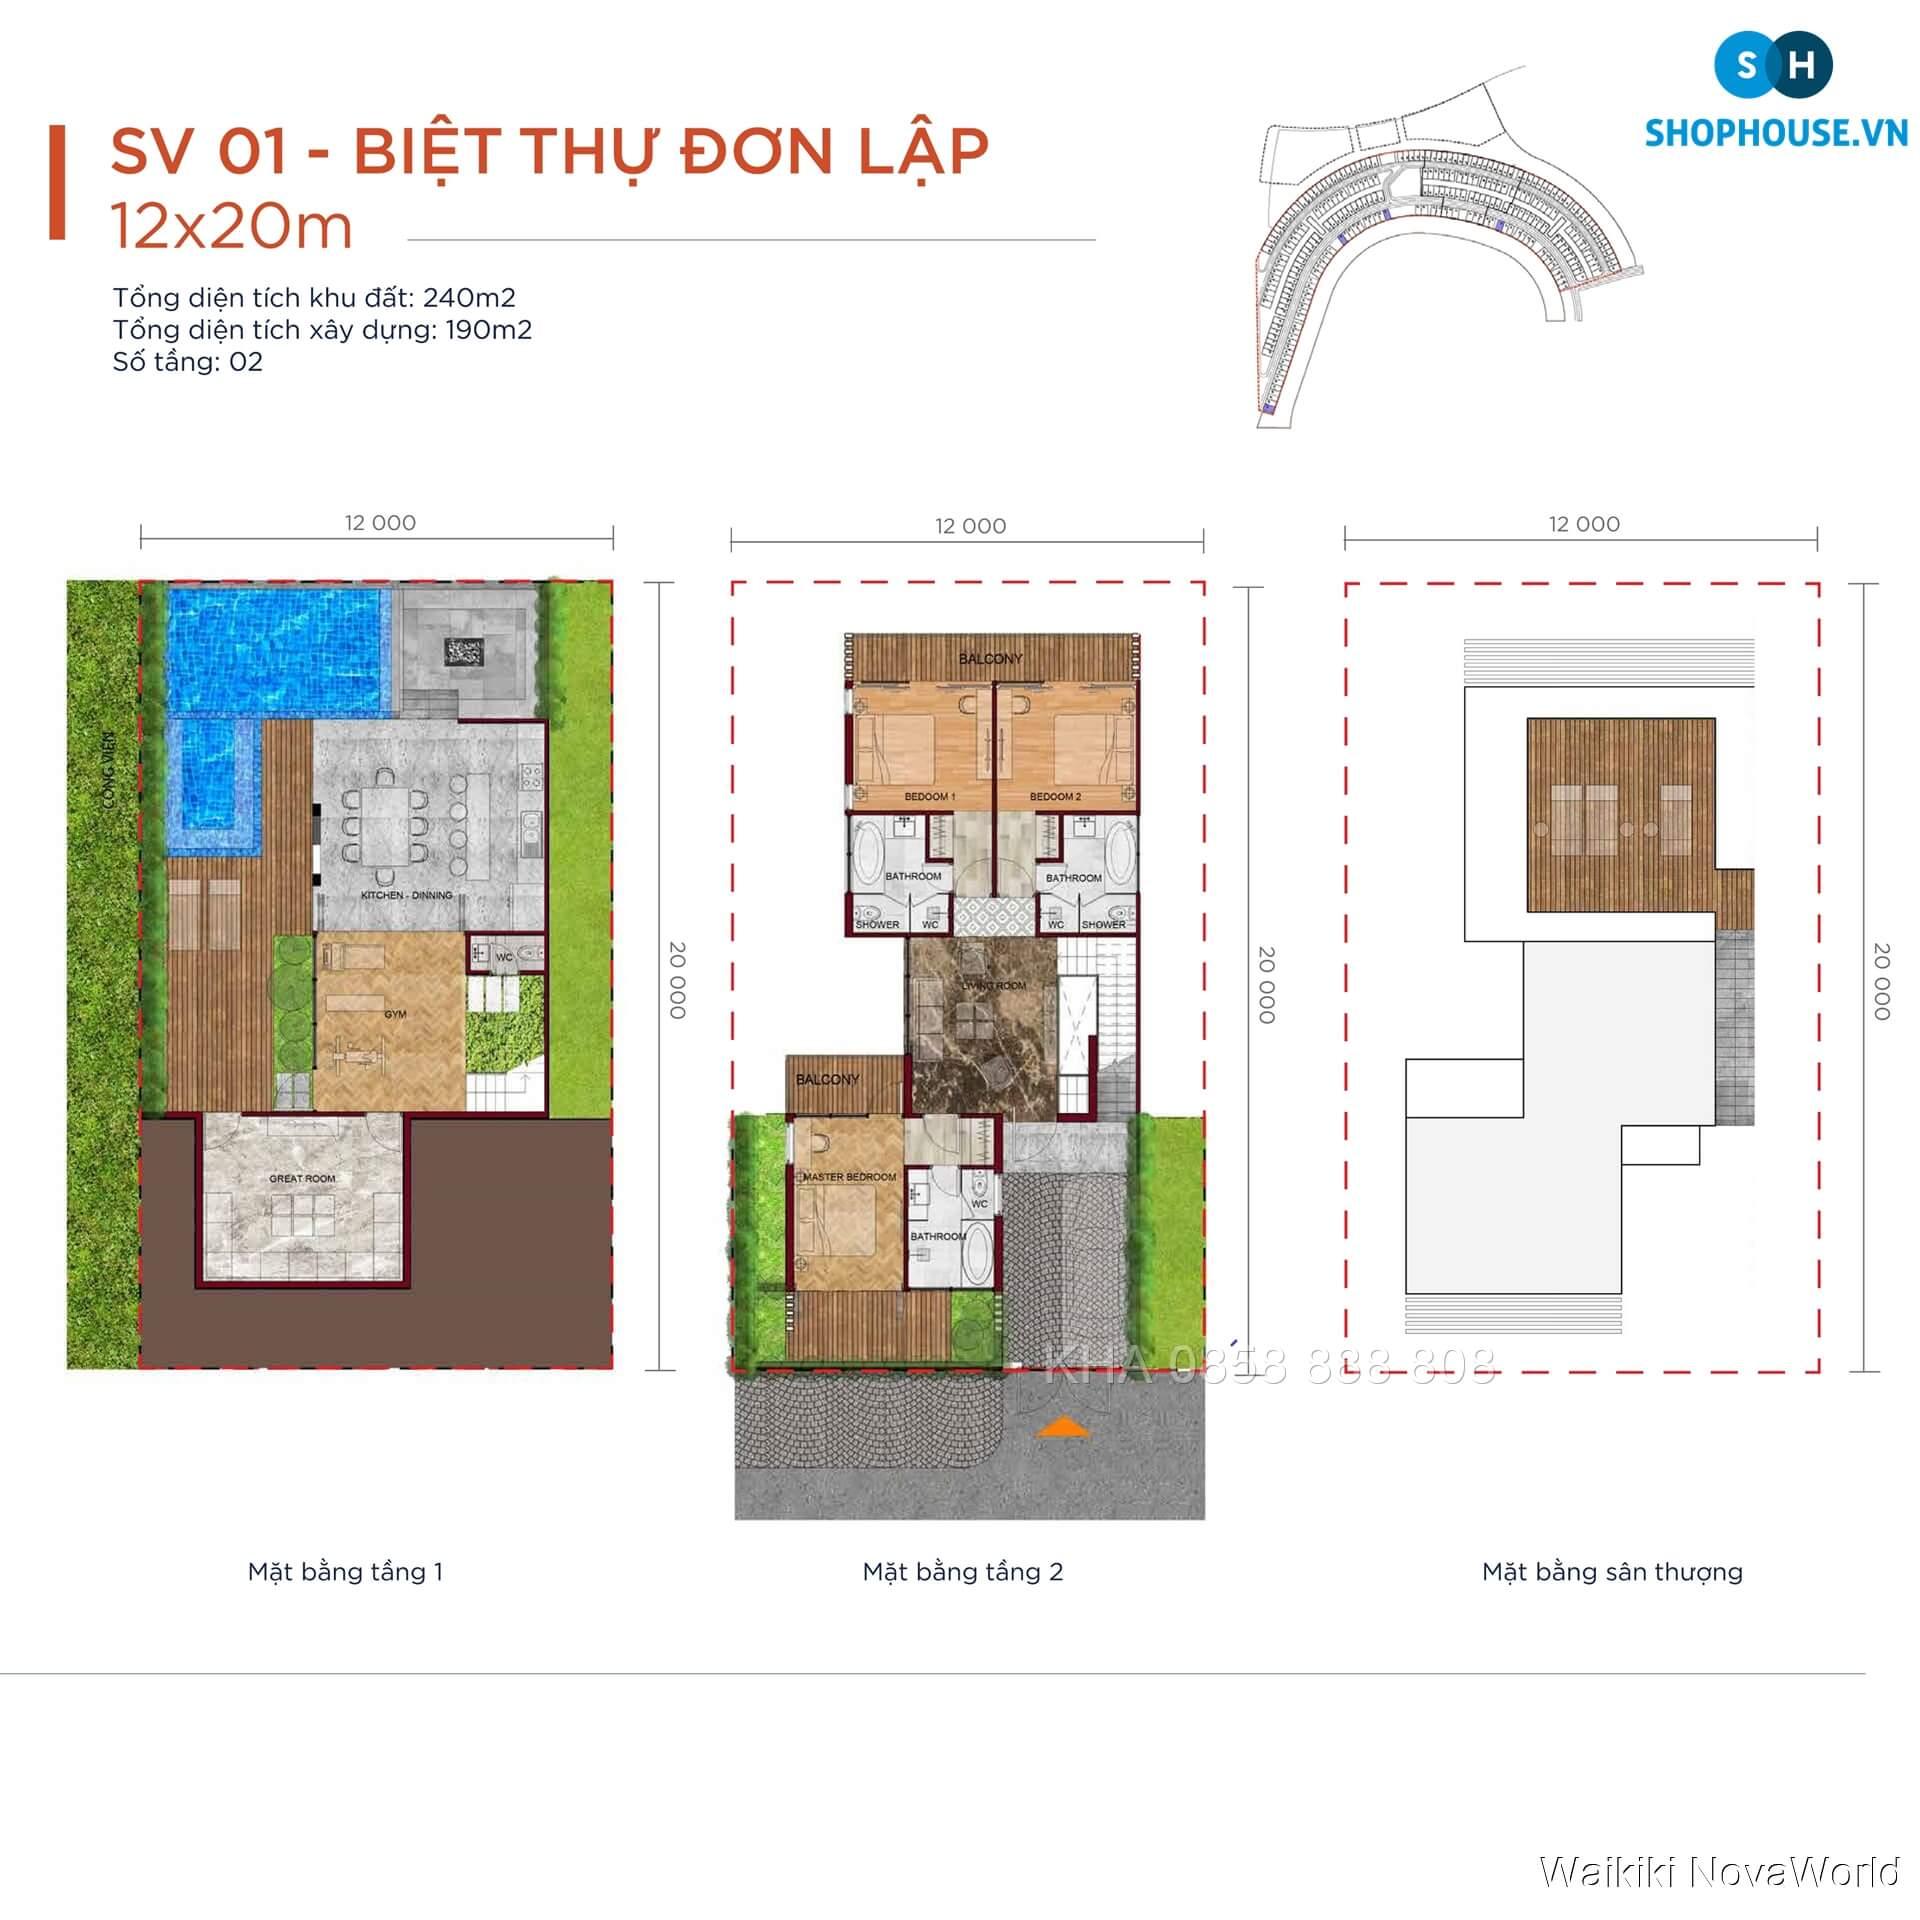 Waikiki-NovaWorld-mat-bang-tang-chi-tiet-biet-thu-villas-don-lap-12x20-SV01